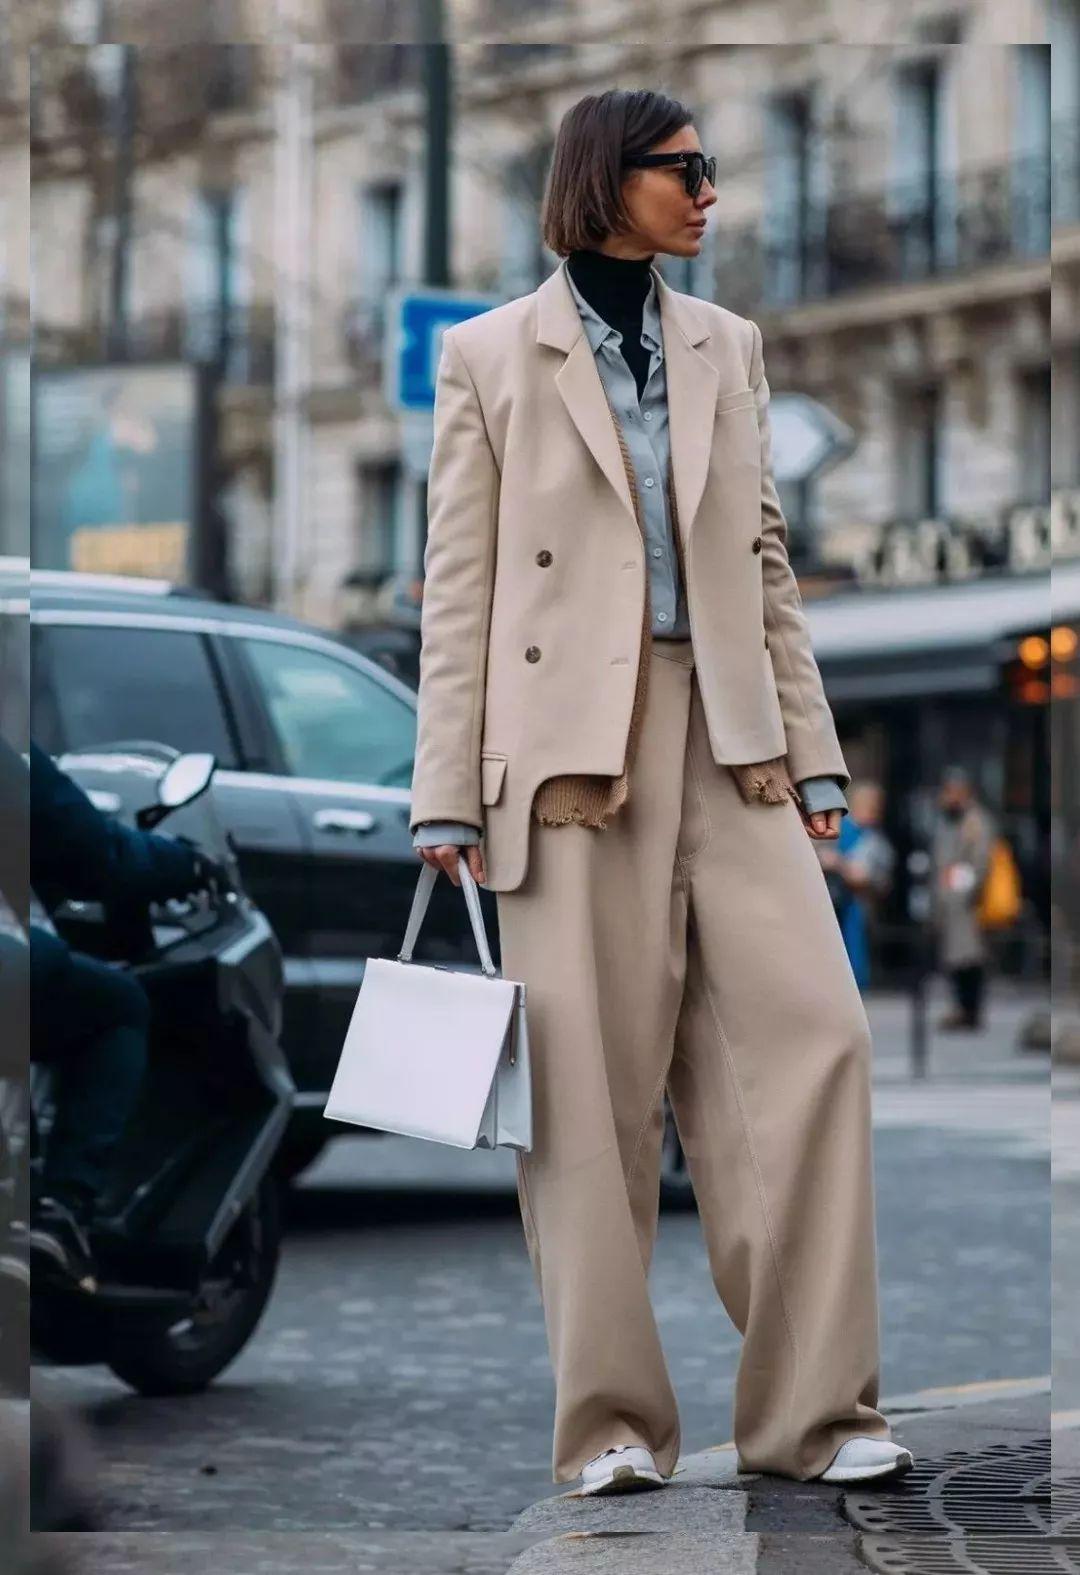 大衣+阔腿裤、西装+长裙…新年场景穿搭,教你轻松应付各种场合!